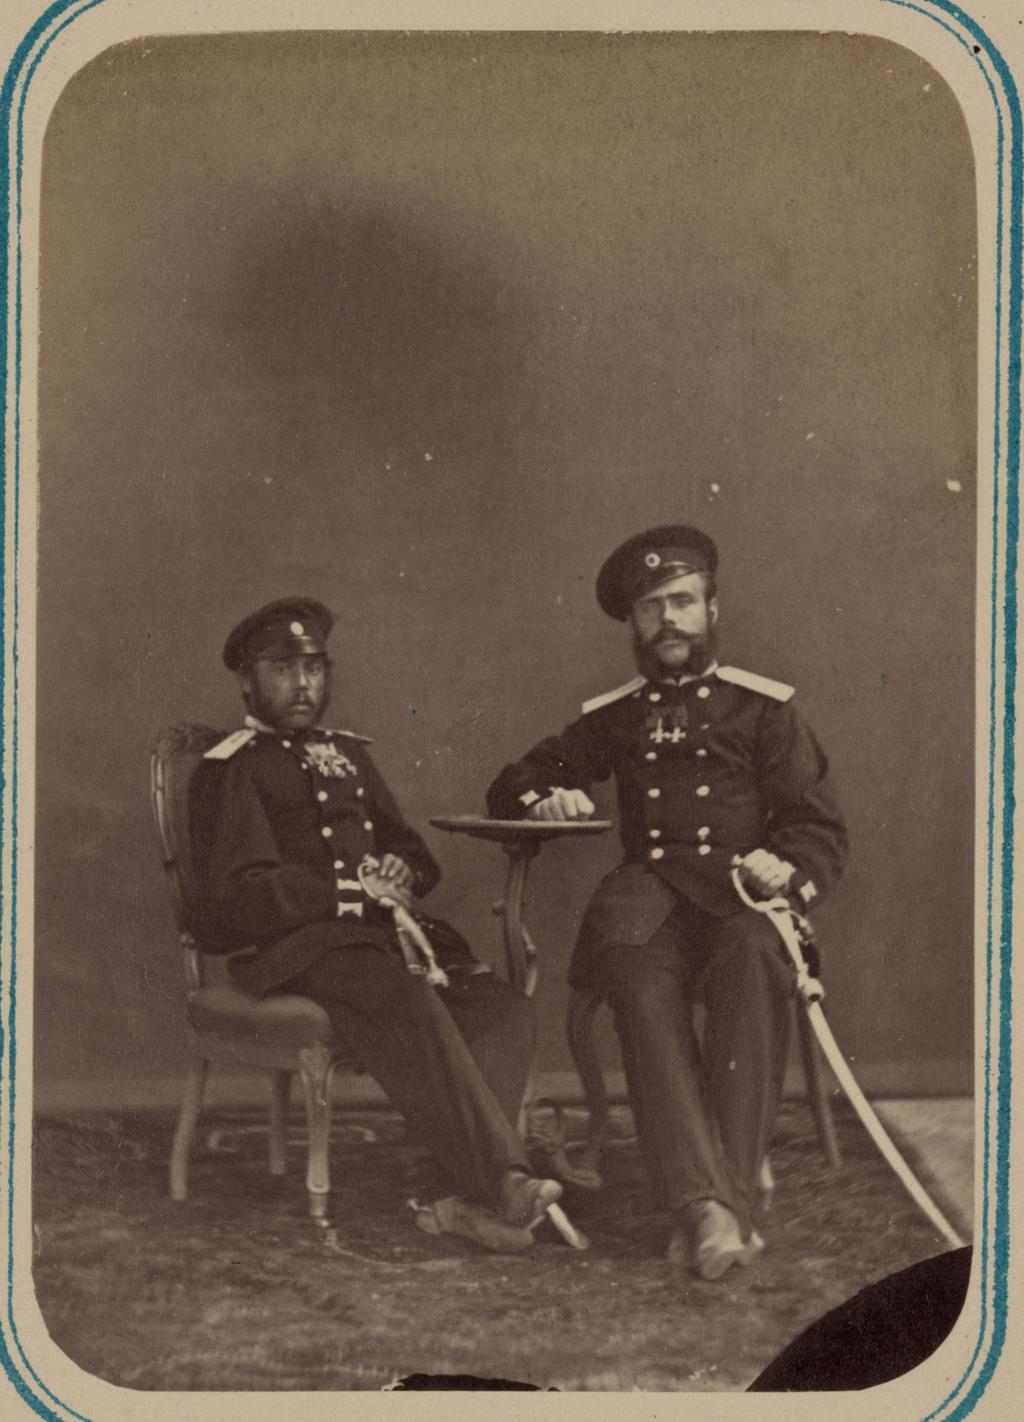 Георгиевские кавалеры, имеющие знаки отличия военного ордена. За дело под Кара-Тюбе 27–29 мая 1868 г. Прапорщики Вельцен и К. М. Куцей